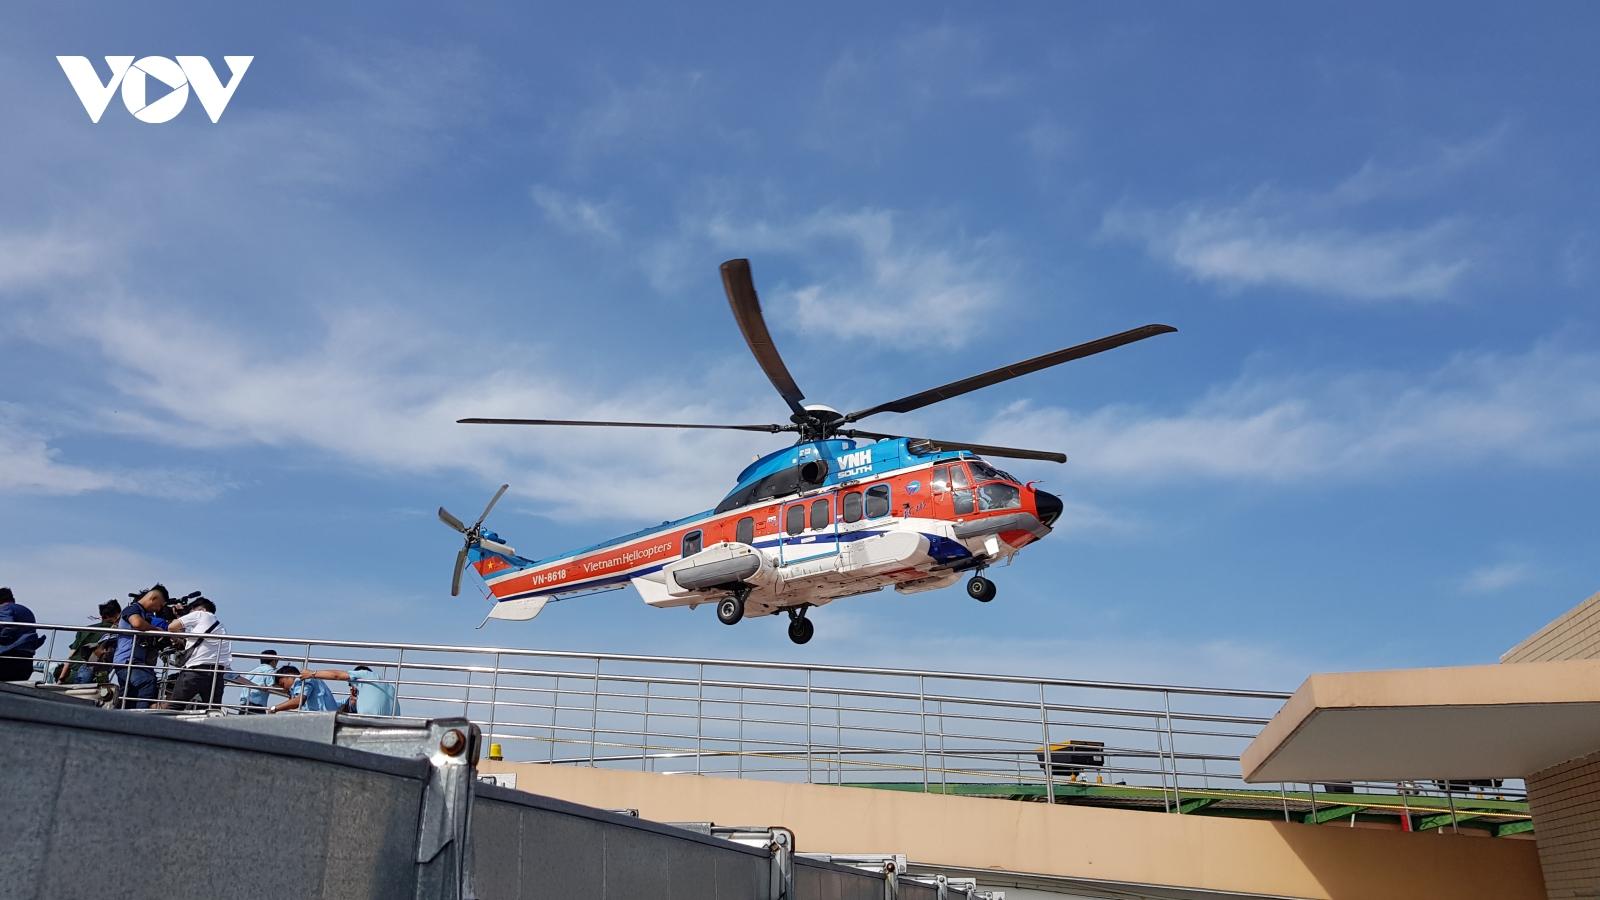 Bệnh viện quân y 175 sẽ có trực thăng Melicopters để cấp cứu ngư dân